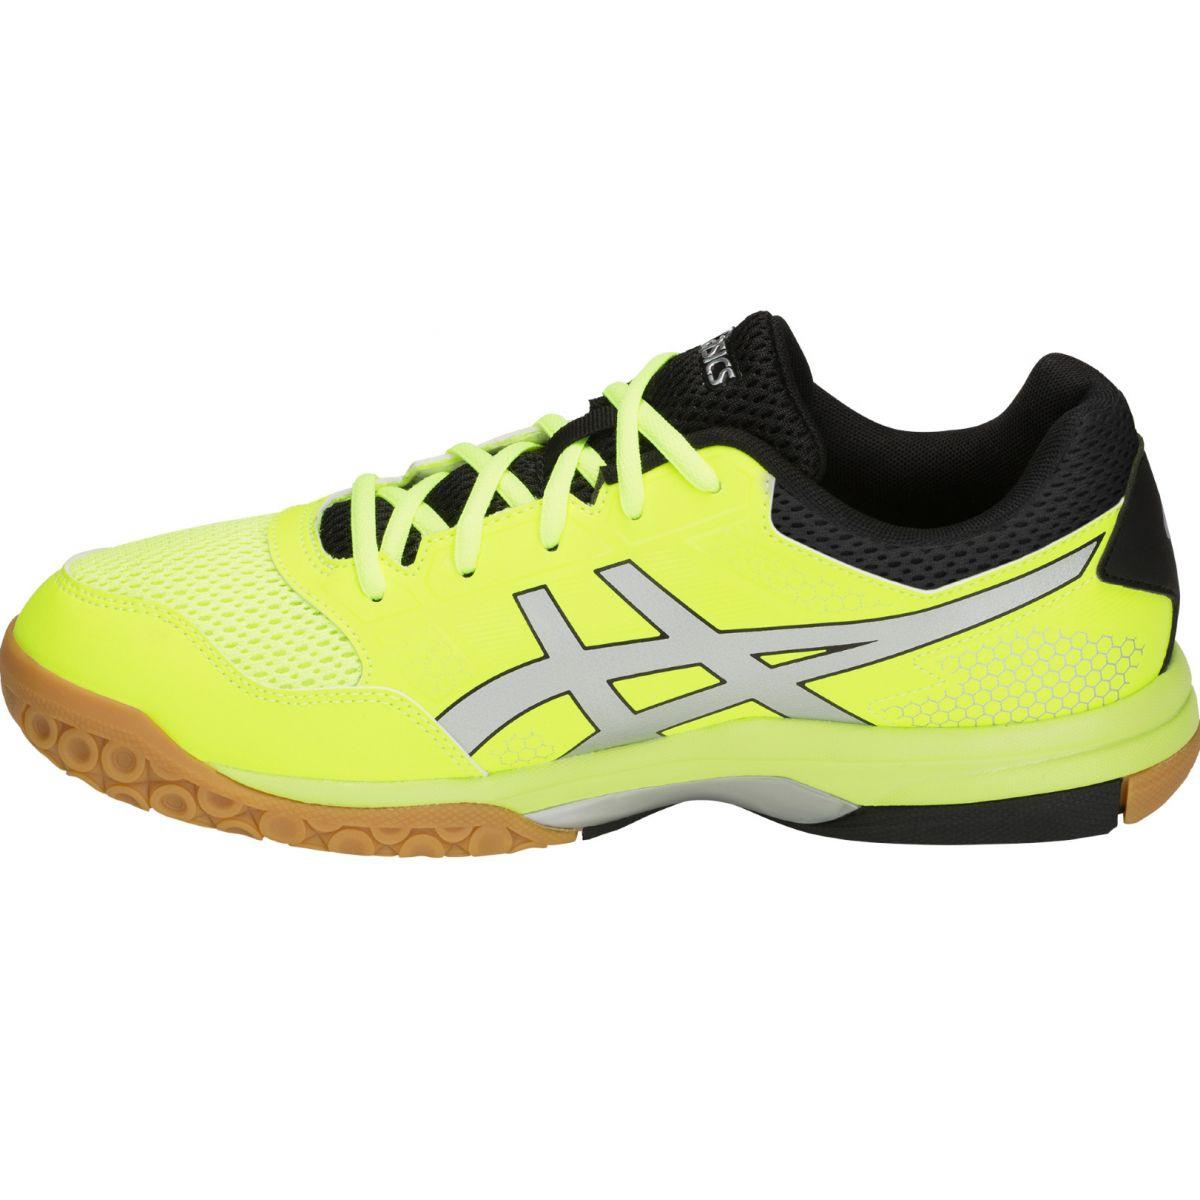 Detalles de Zapatillas de voleibol Asics Gel Rocket 8 M B706Y 750 amarillo amarillo